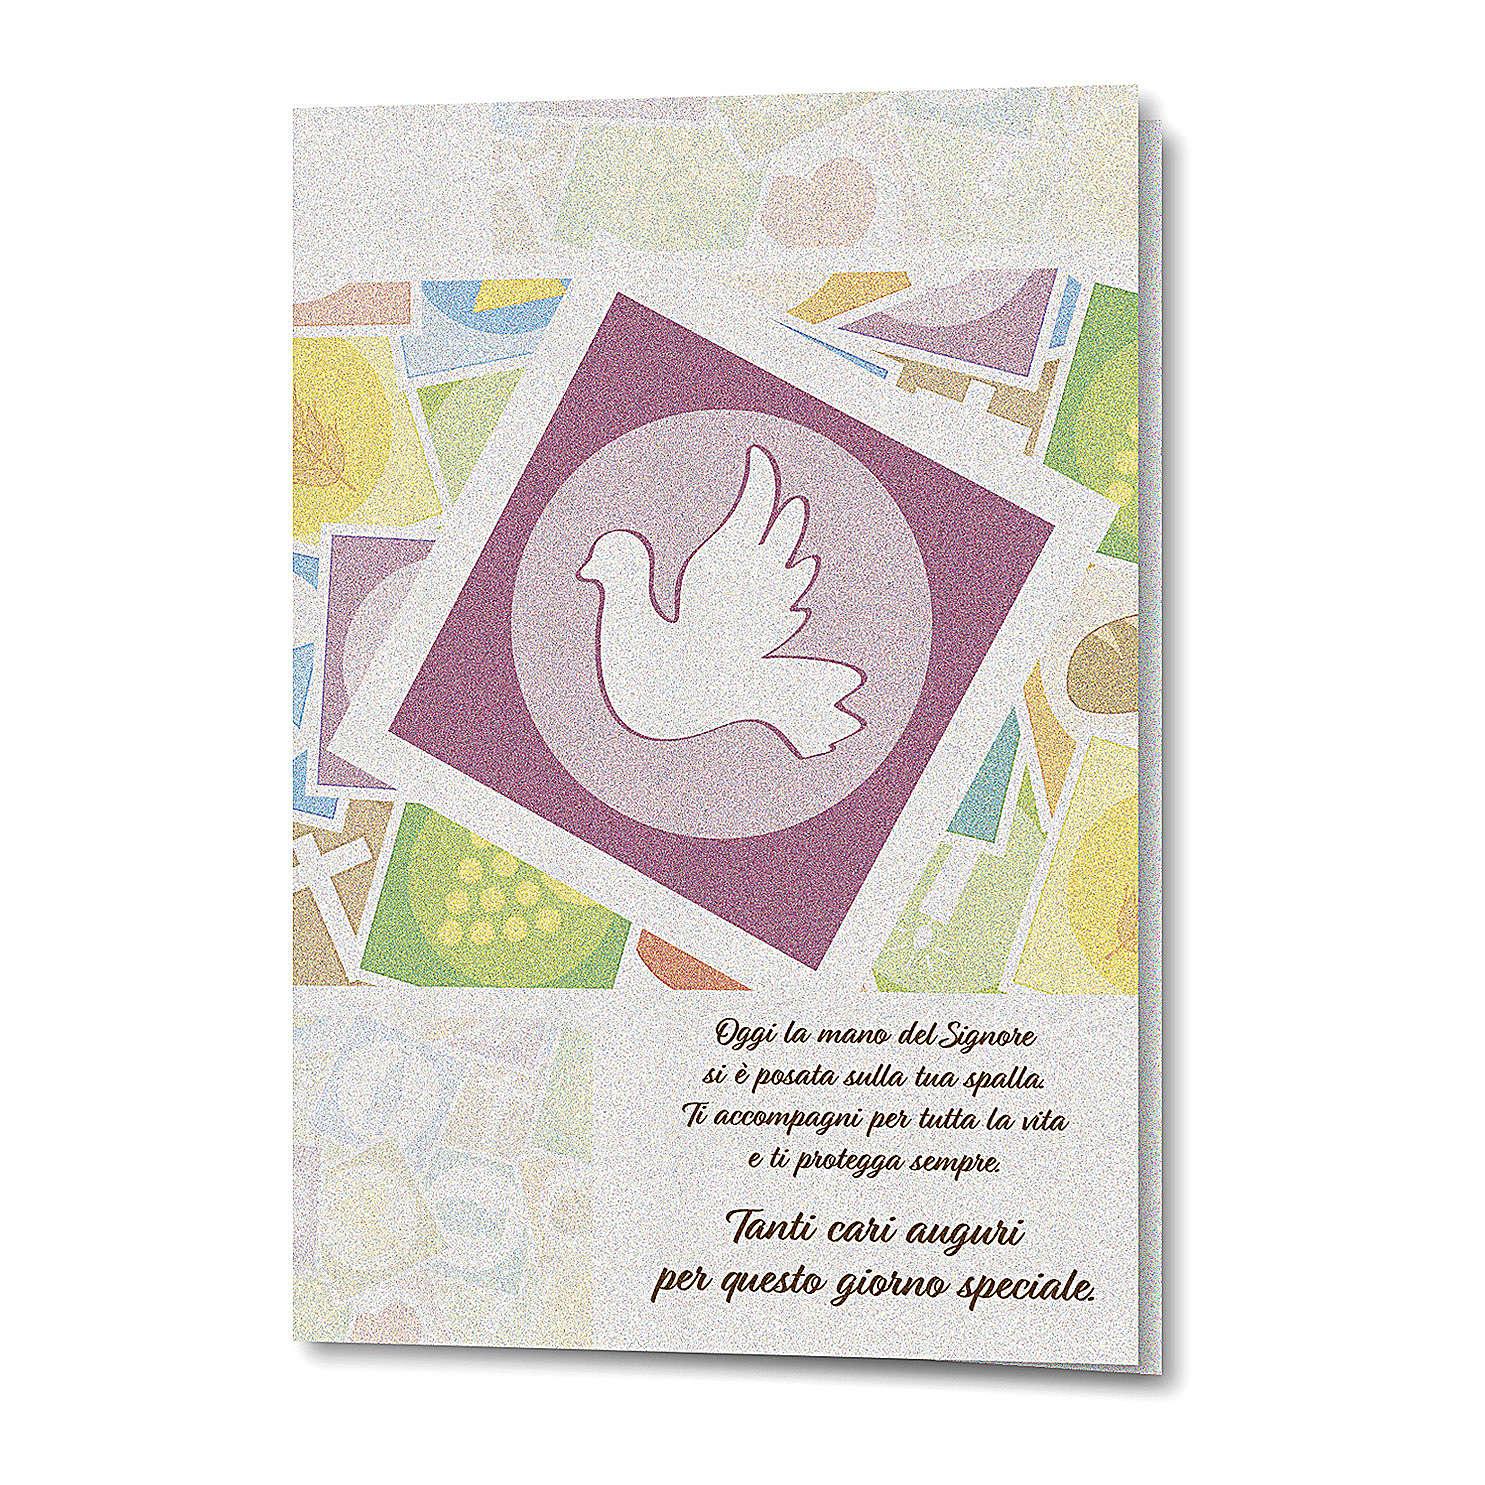 Tarjeta Felicitaciones papel perlado Confirmación Espíritu Santo 4